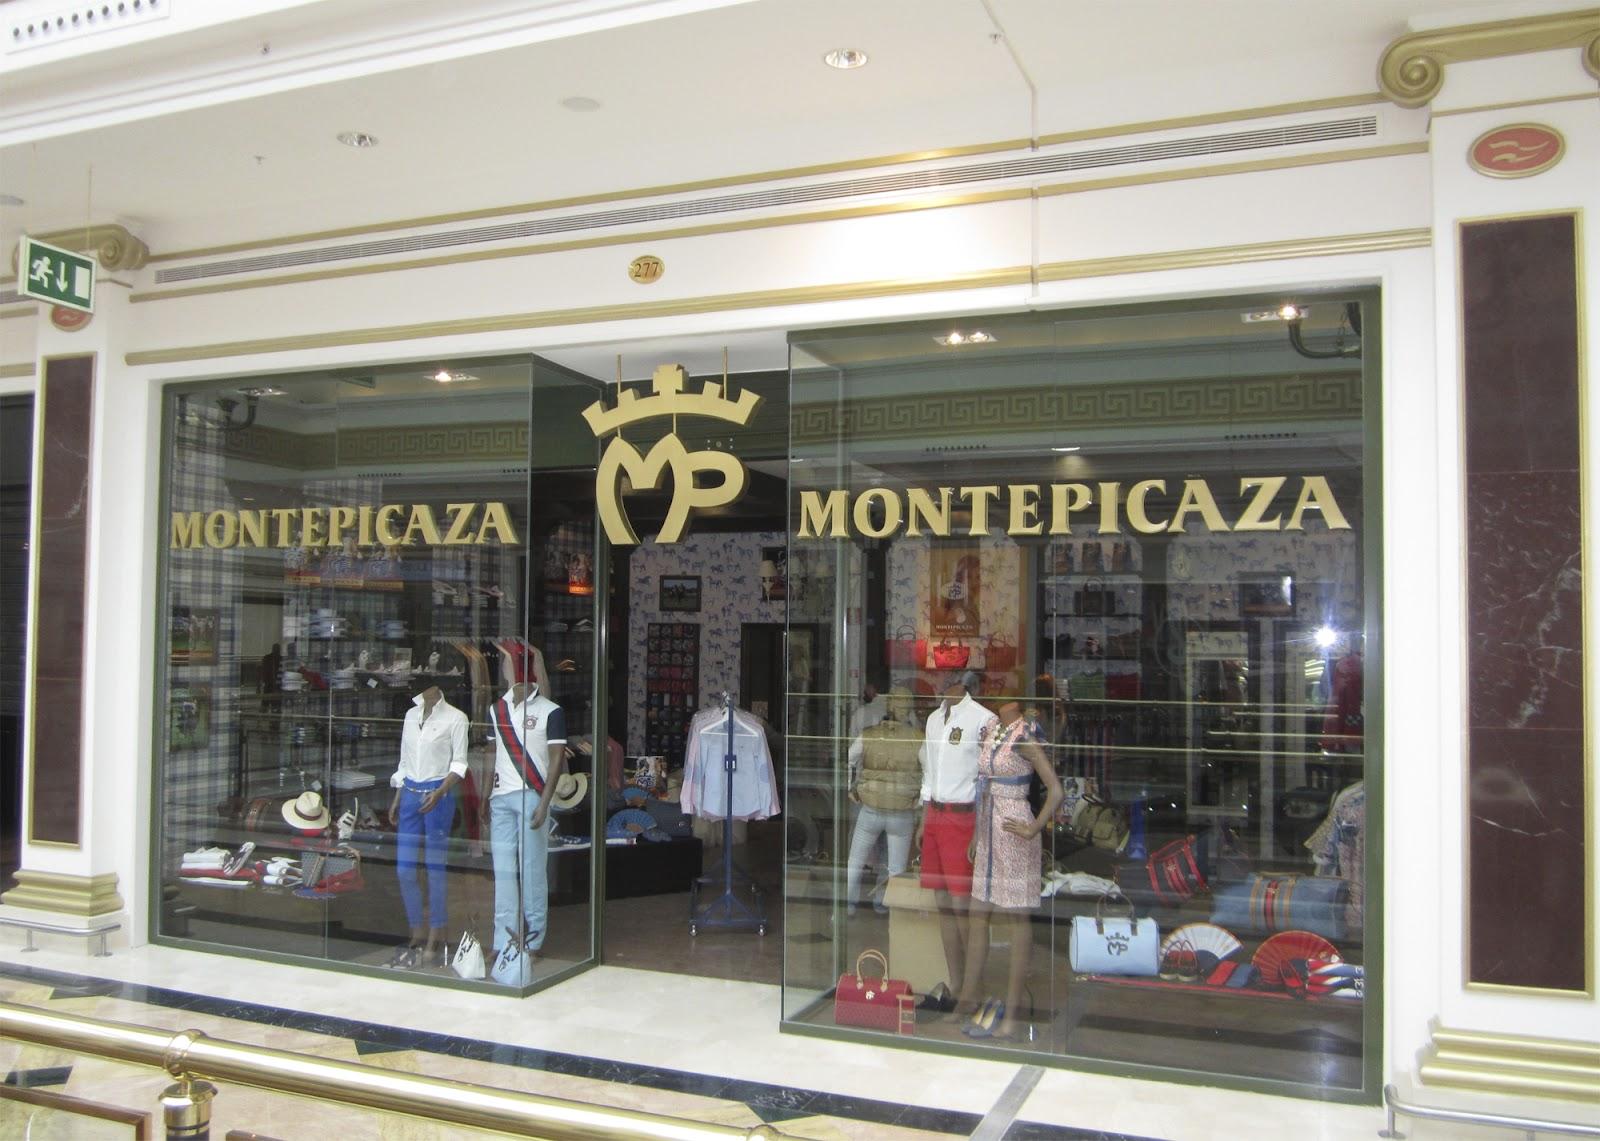 El blog de arinsama montepicaza cc gran plaza 2 majadahonda - Gran plaza norte 2 majadahonda ...